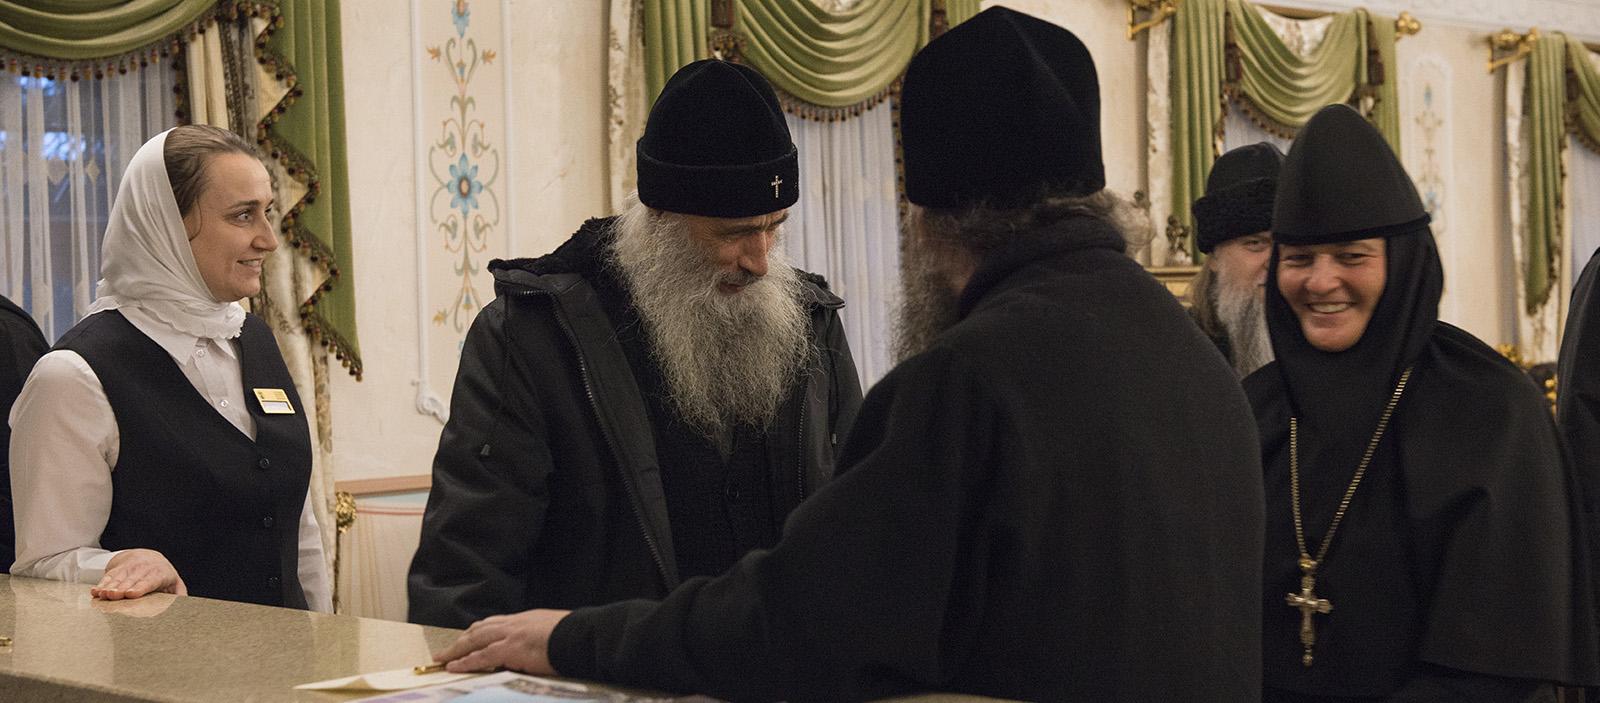 Patriarch Kirill visited the Pokrovsky new building 25